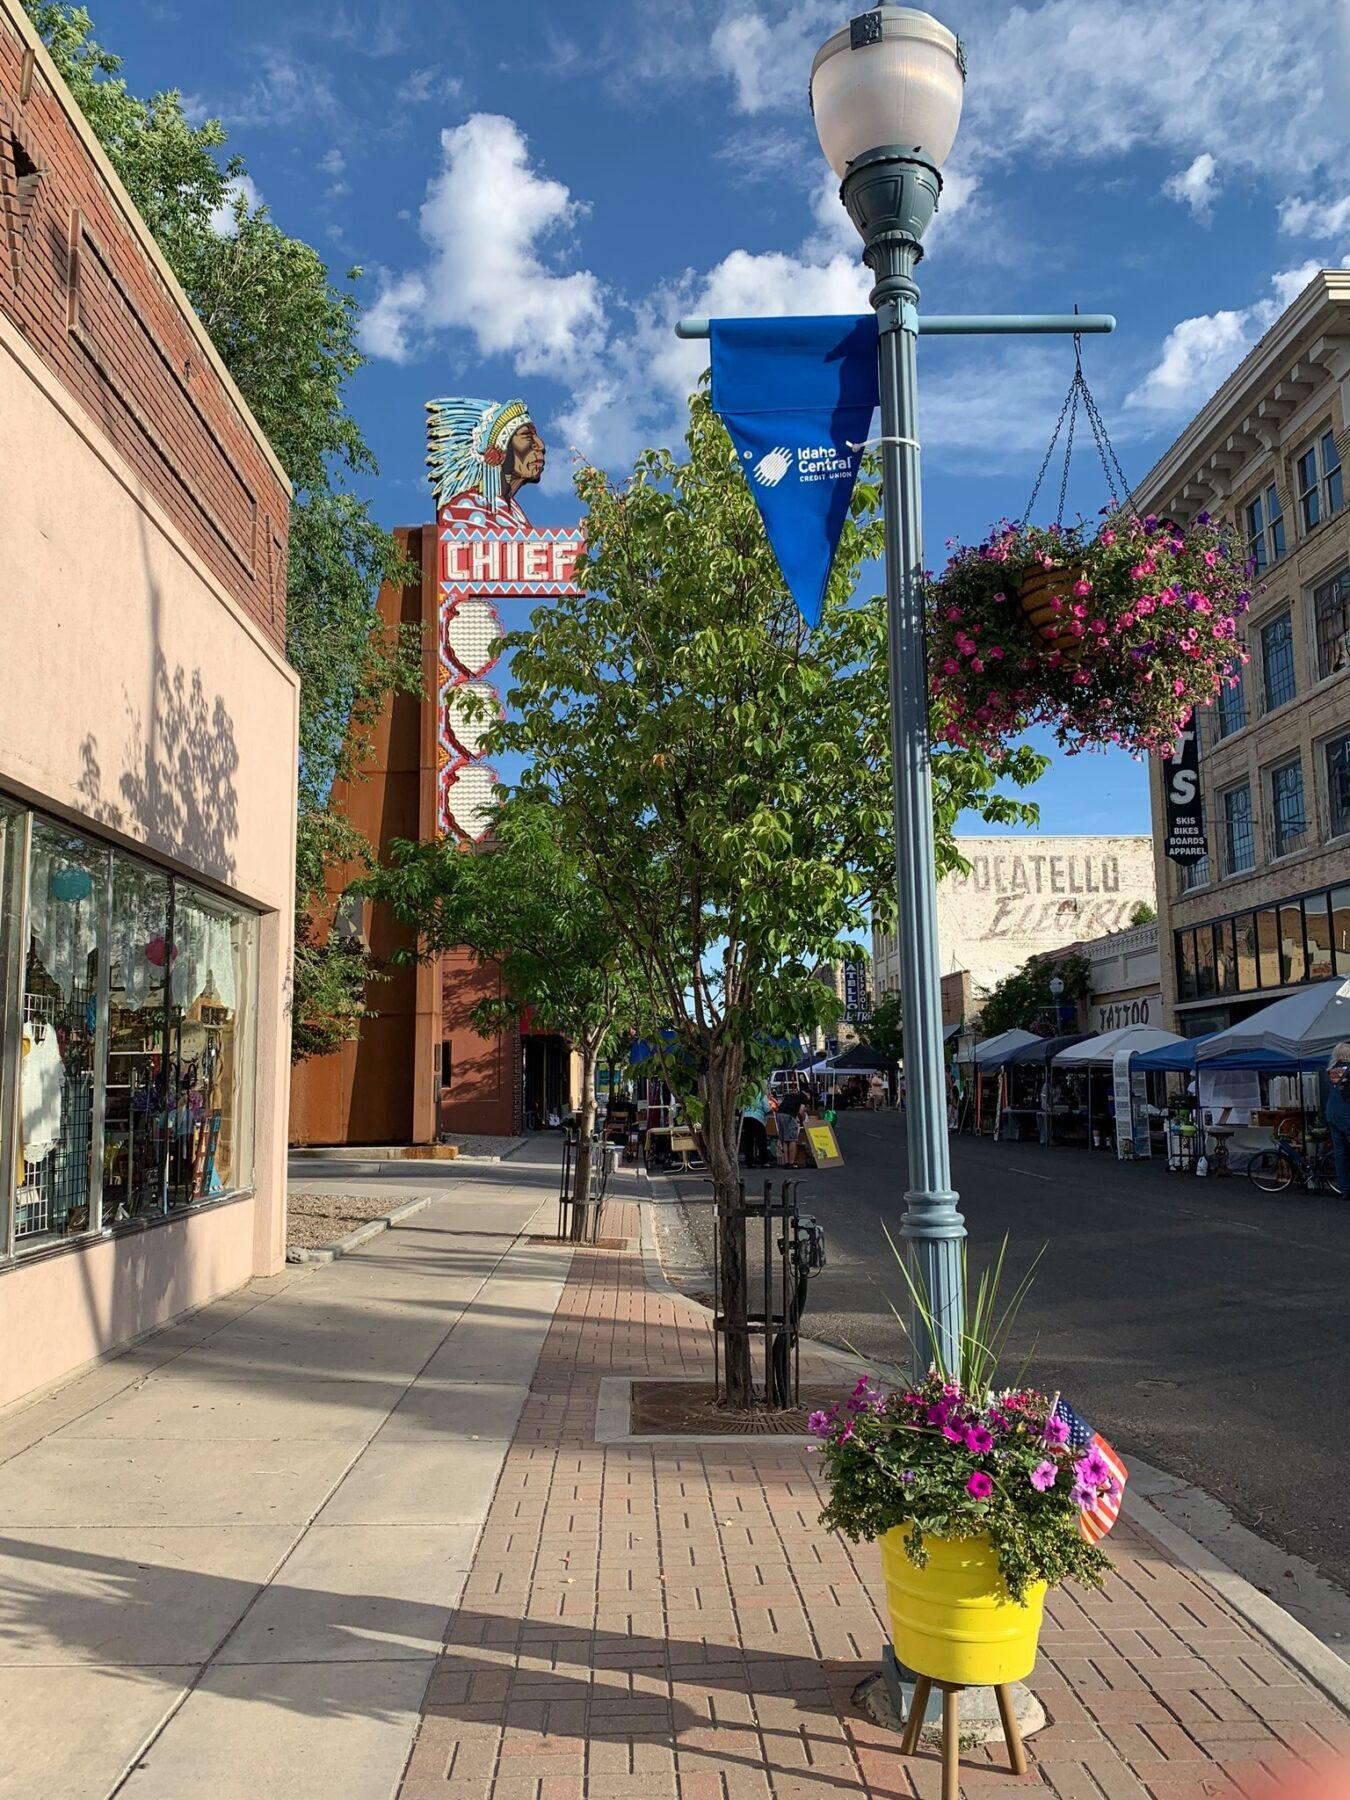 Downtown Days Flea Market & Antique Show